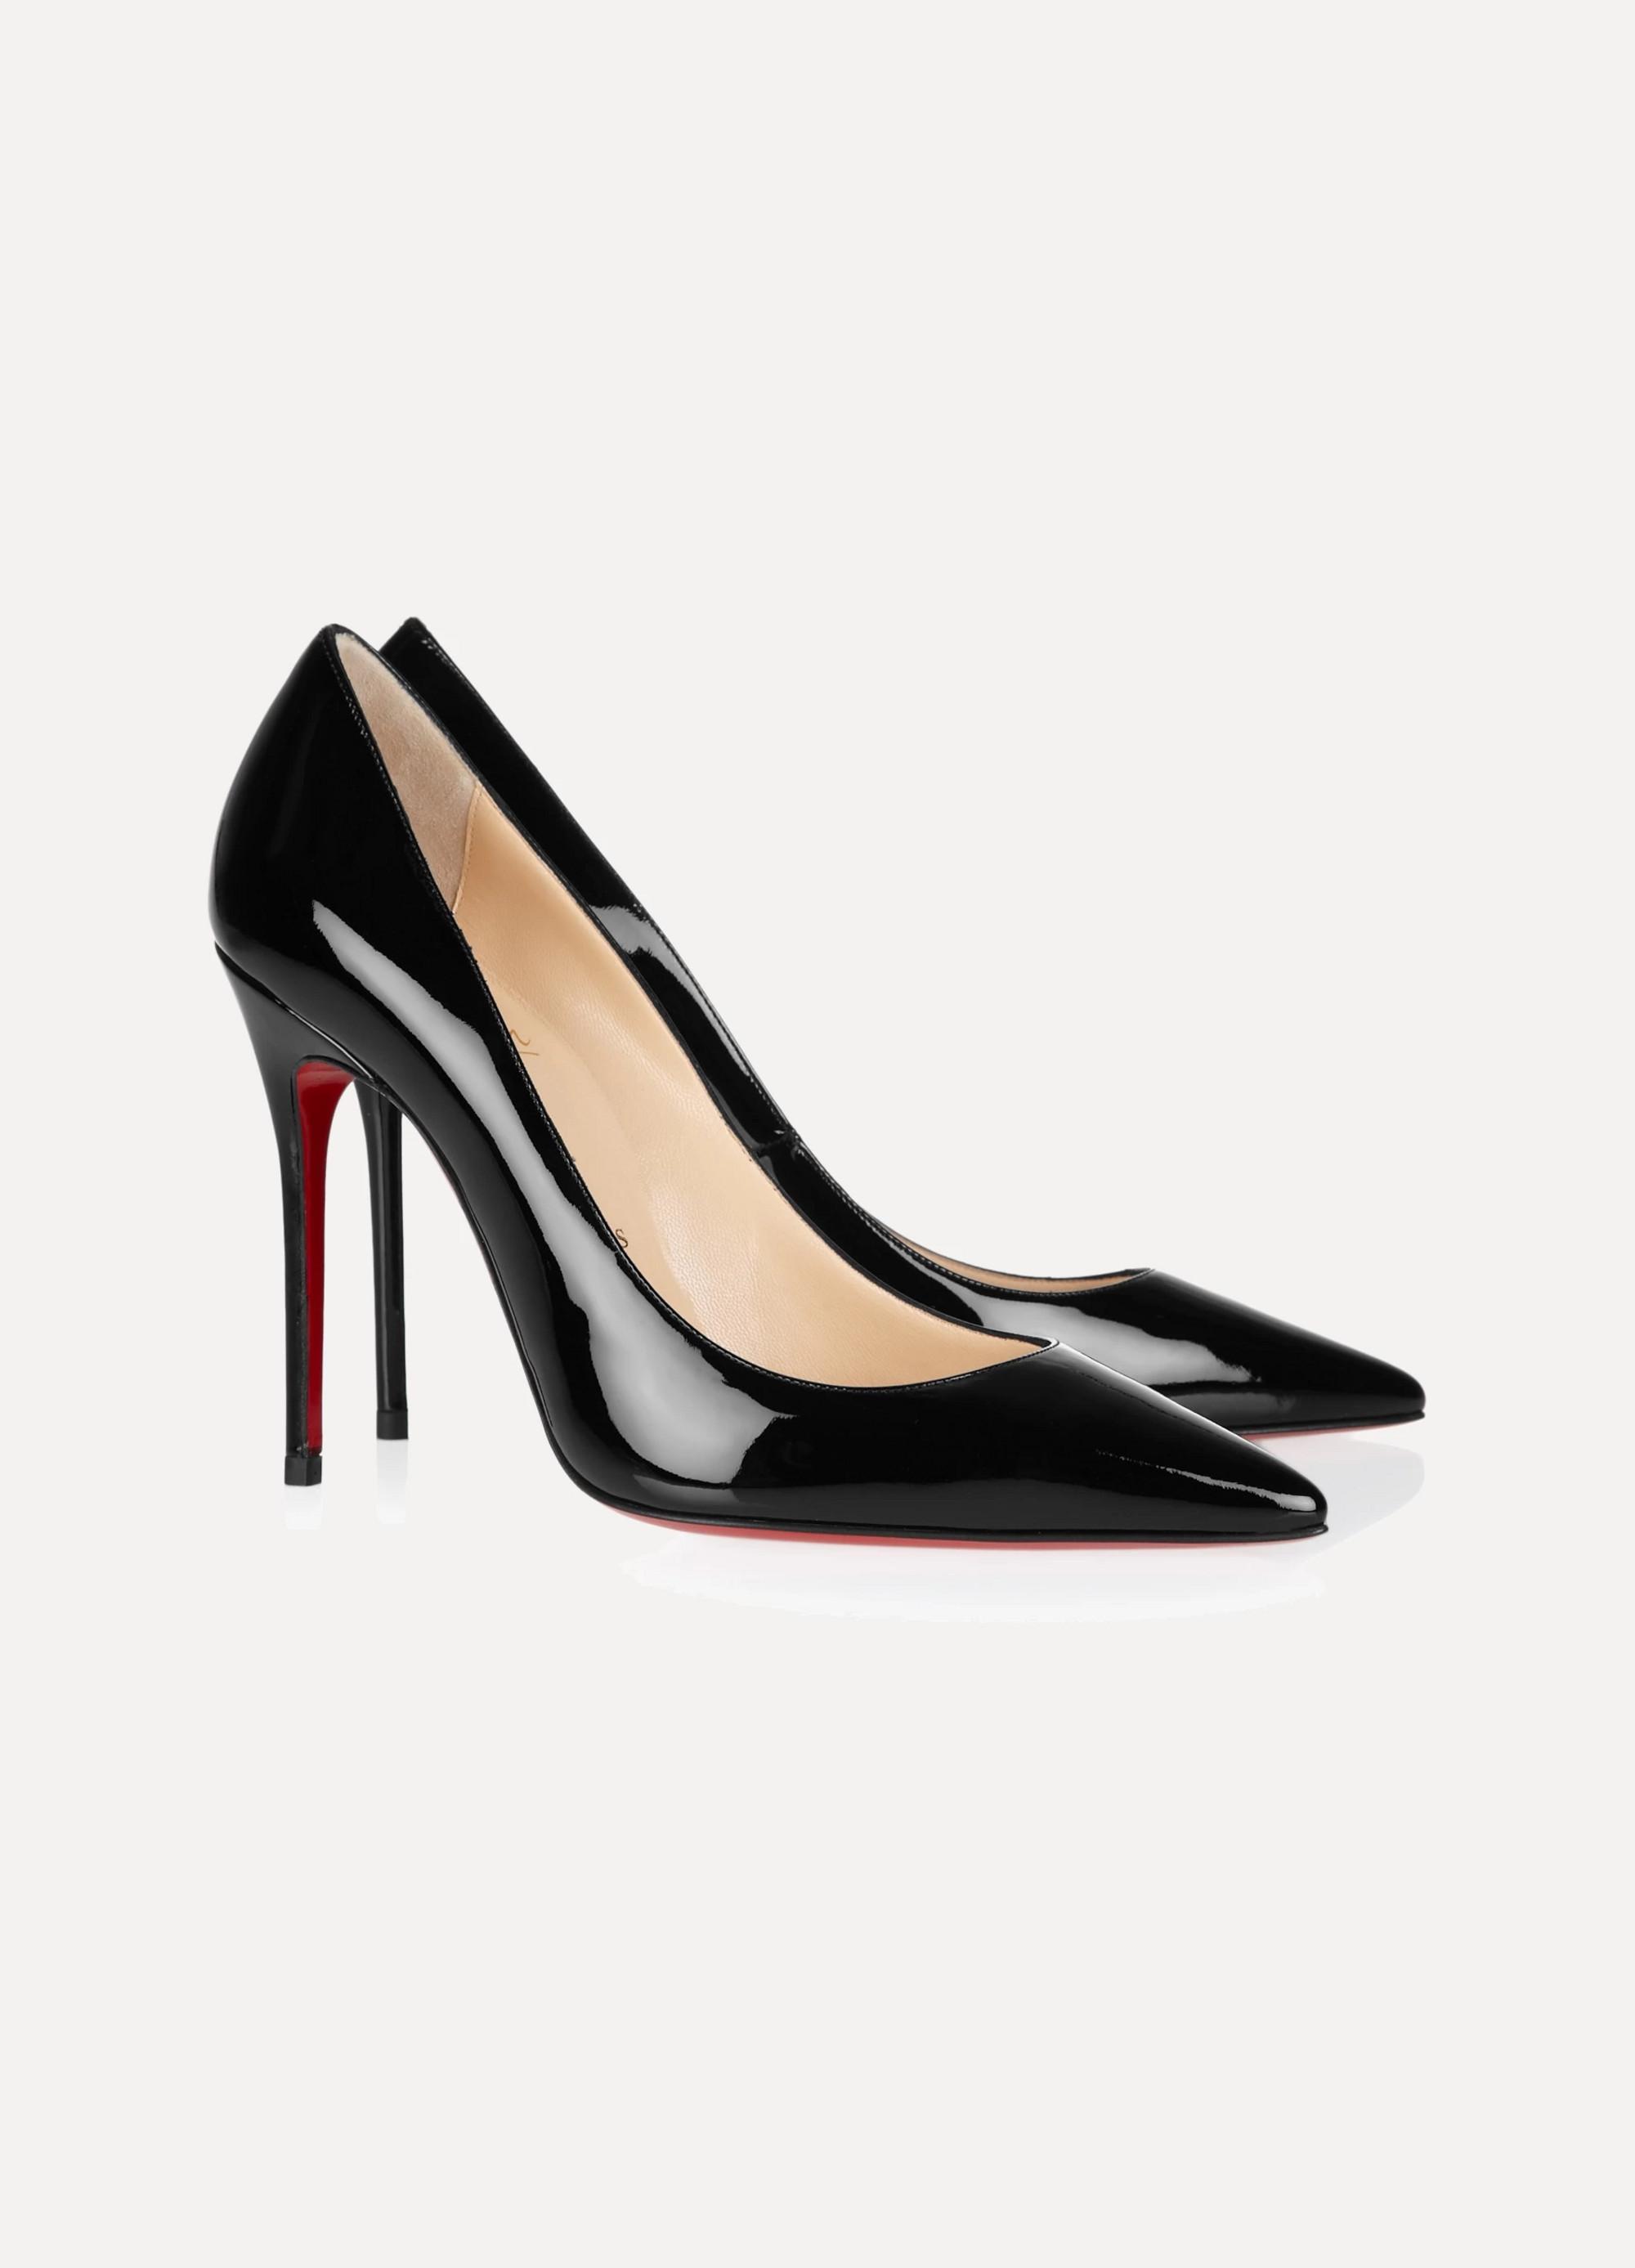 Noir Decollete 554 100 patent-leather